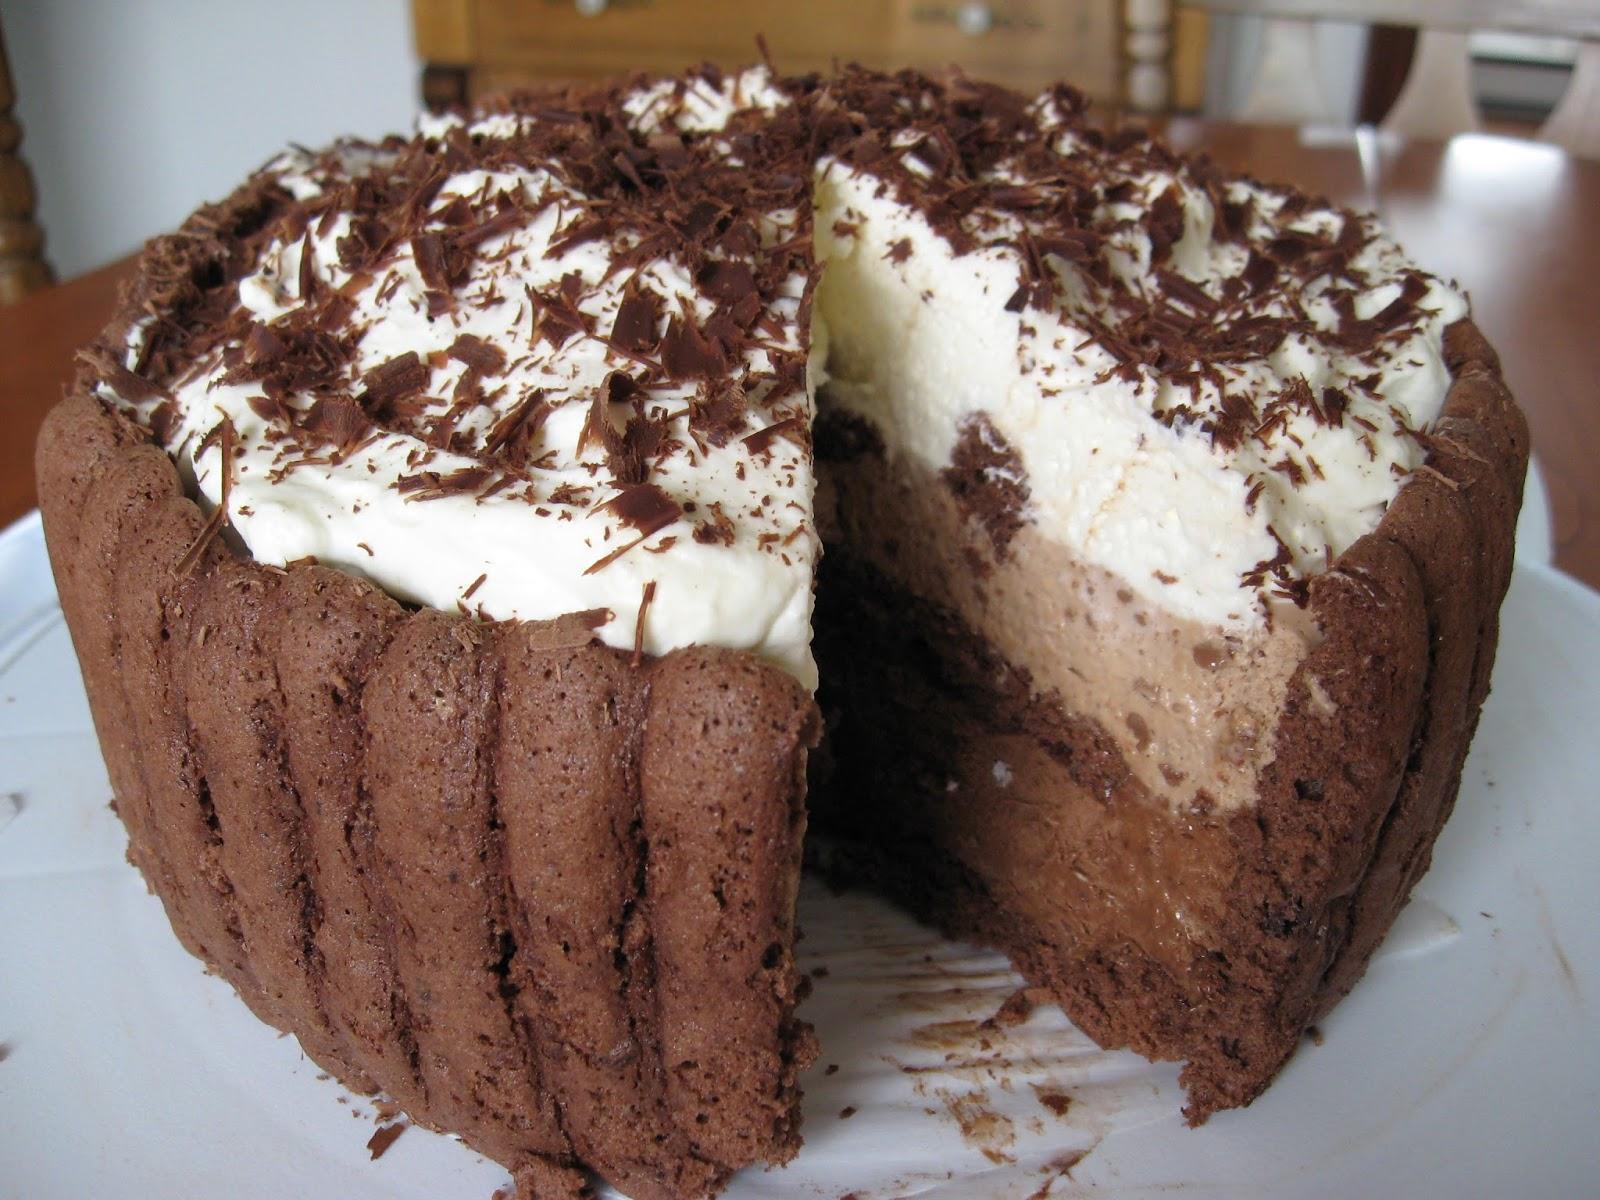 Recettes de flipp charlotte tout chocolat - Recette charlotte au chocolat ...